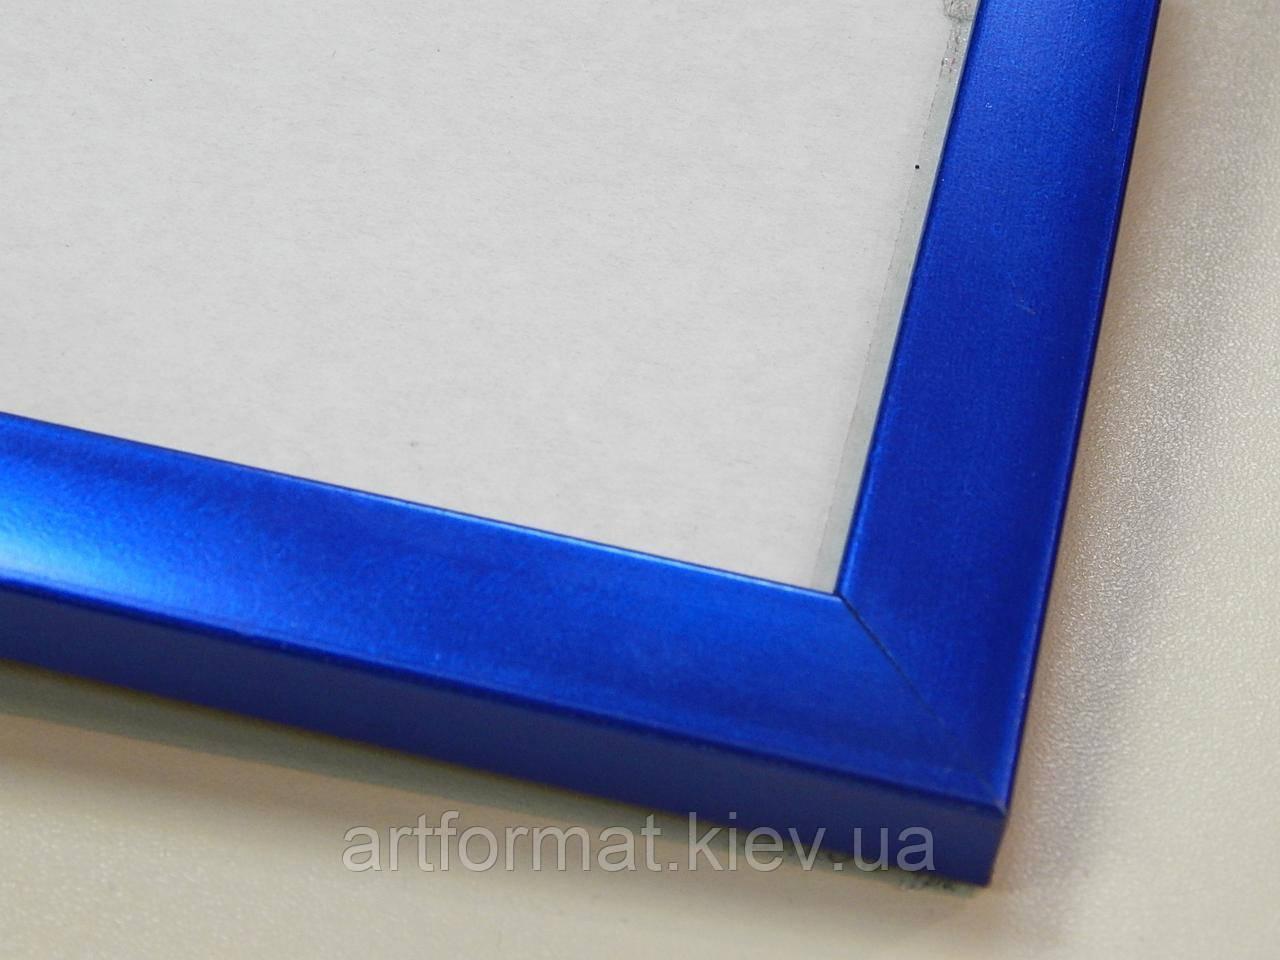 Рамка 10х15.16 мм.Синий металлик.